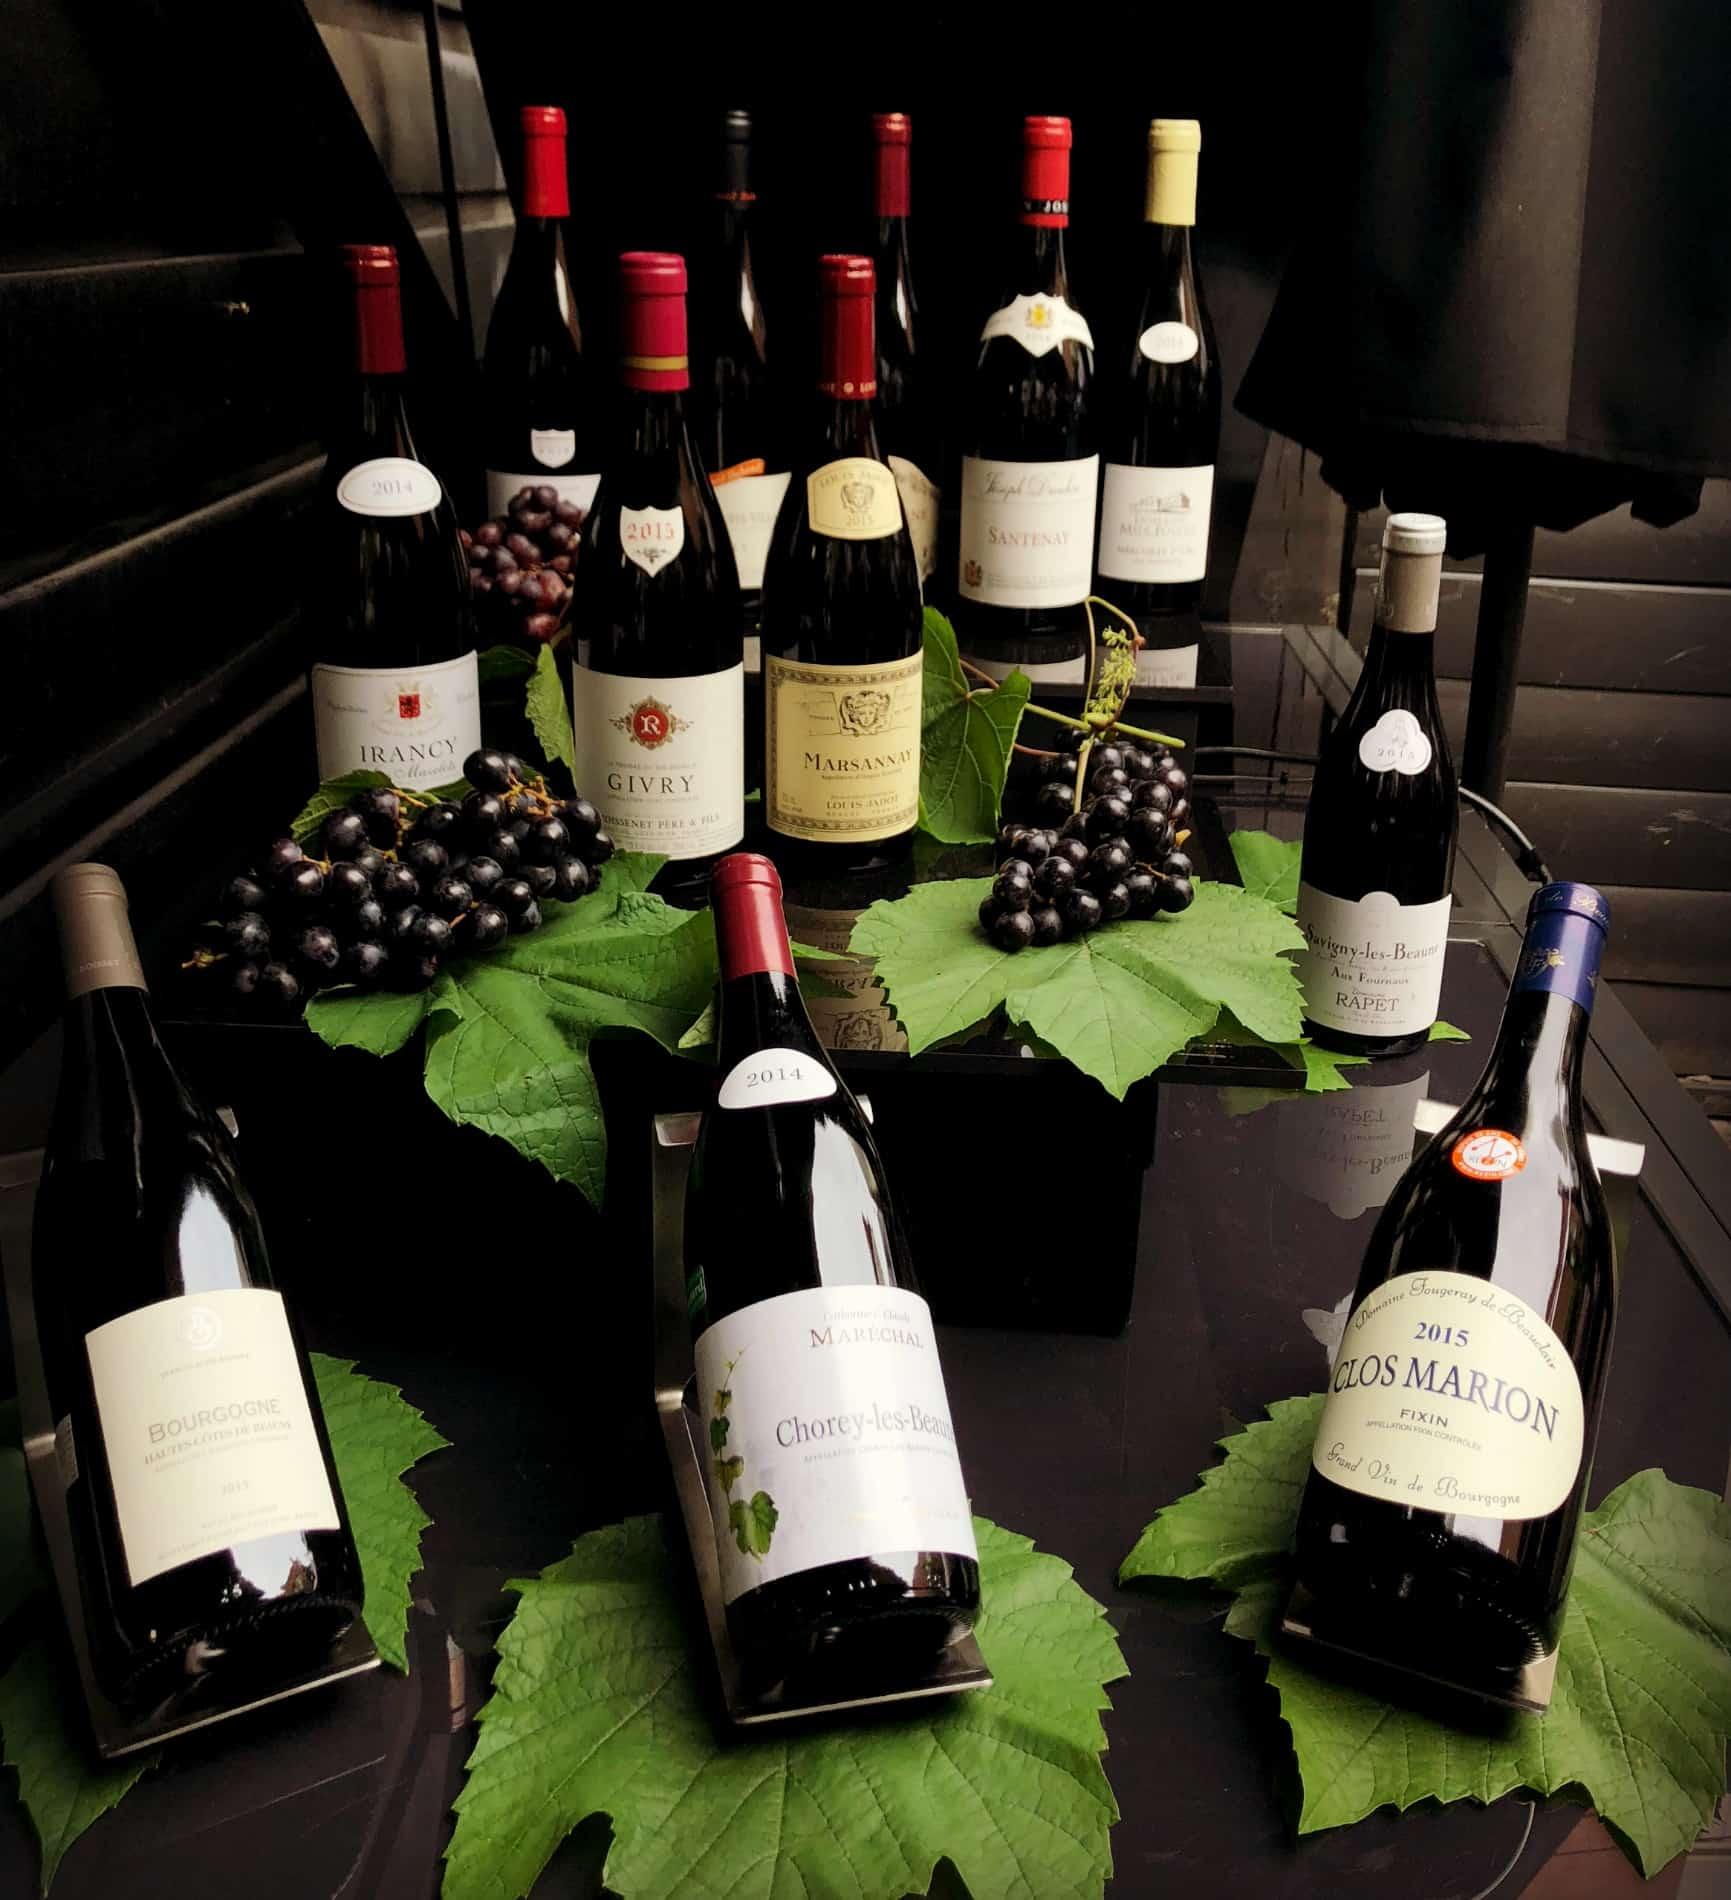 Pinot noir - Vins de Bourgogne